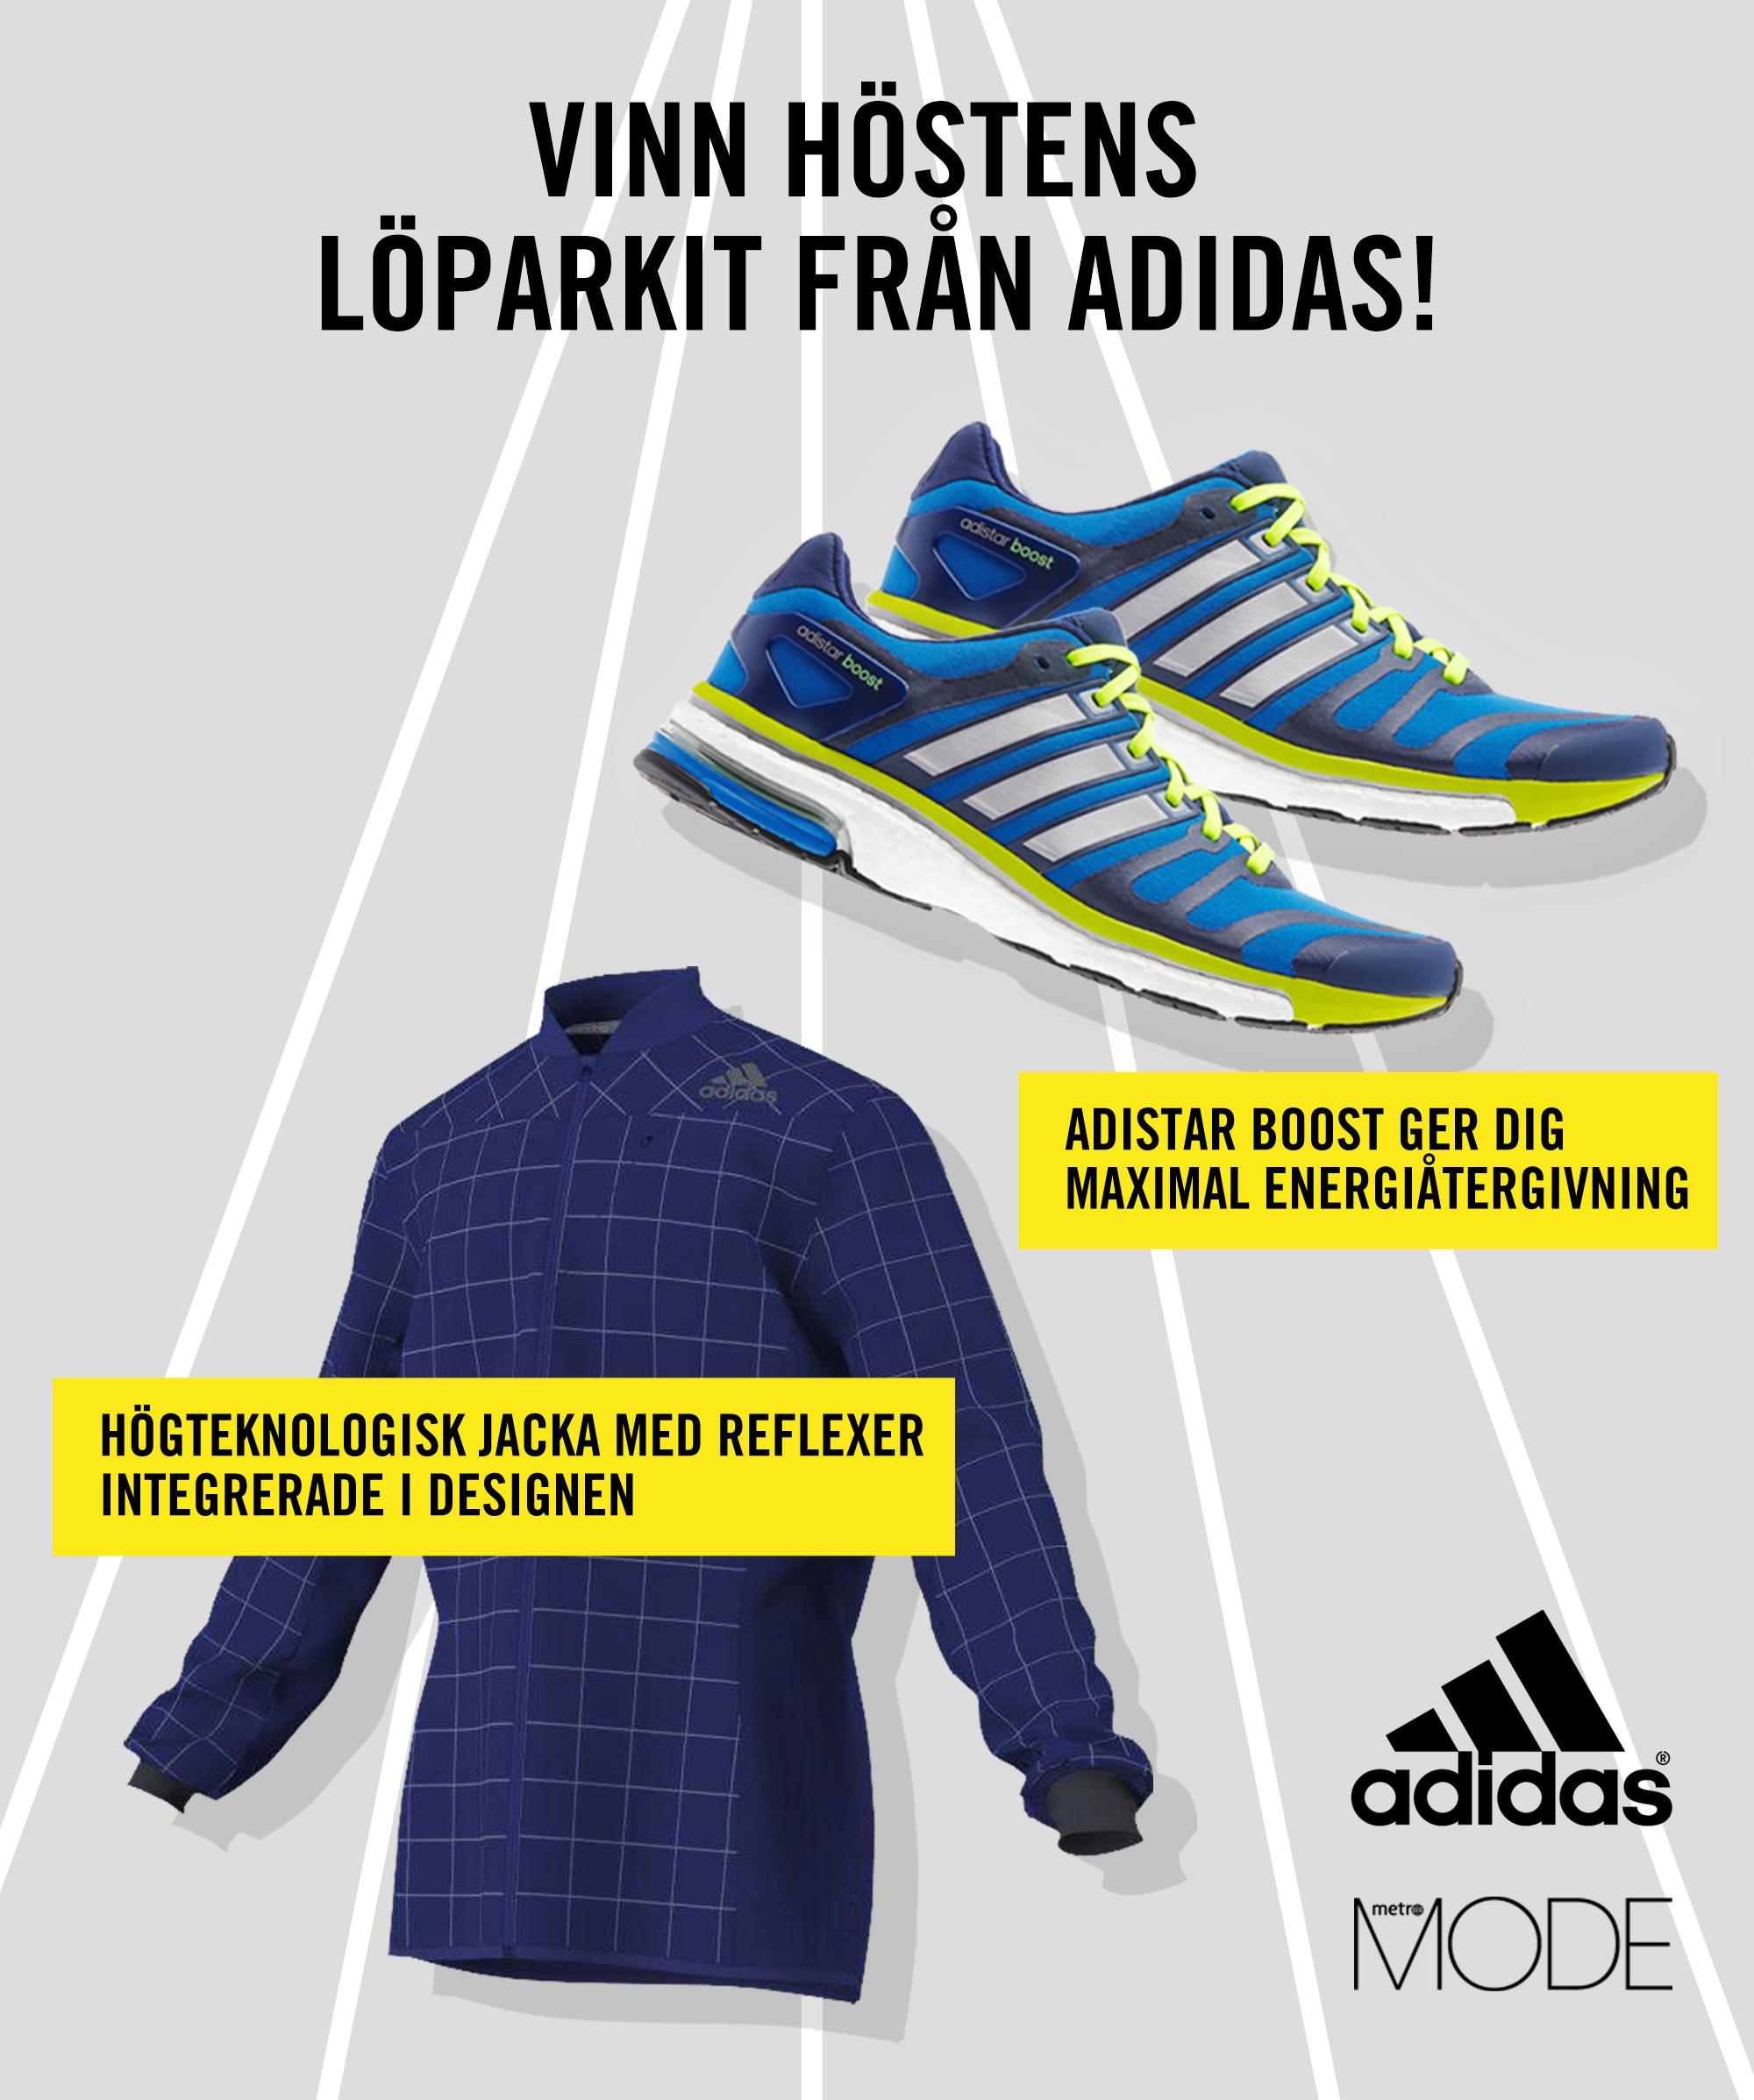 adidas-2000x2395